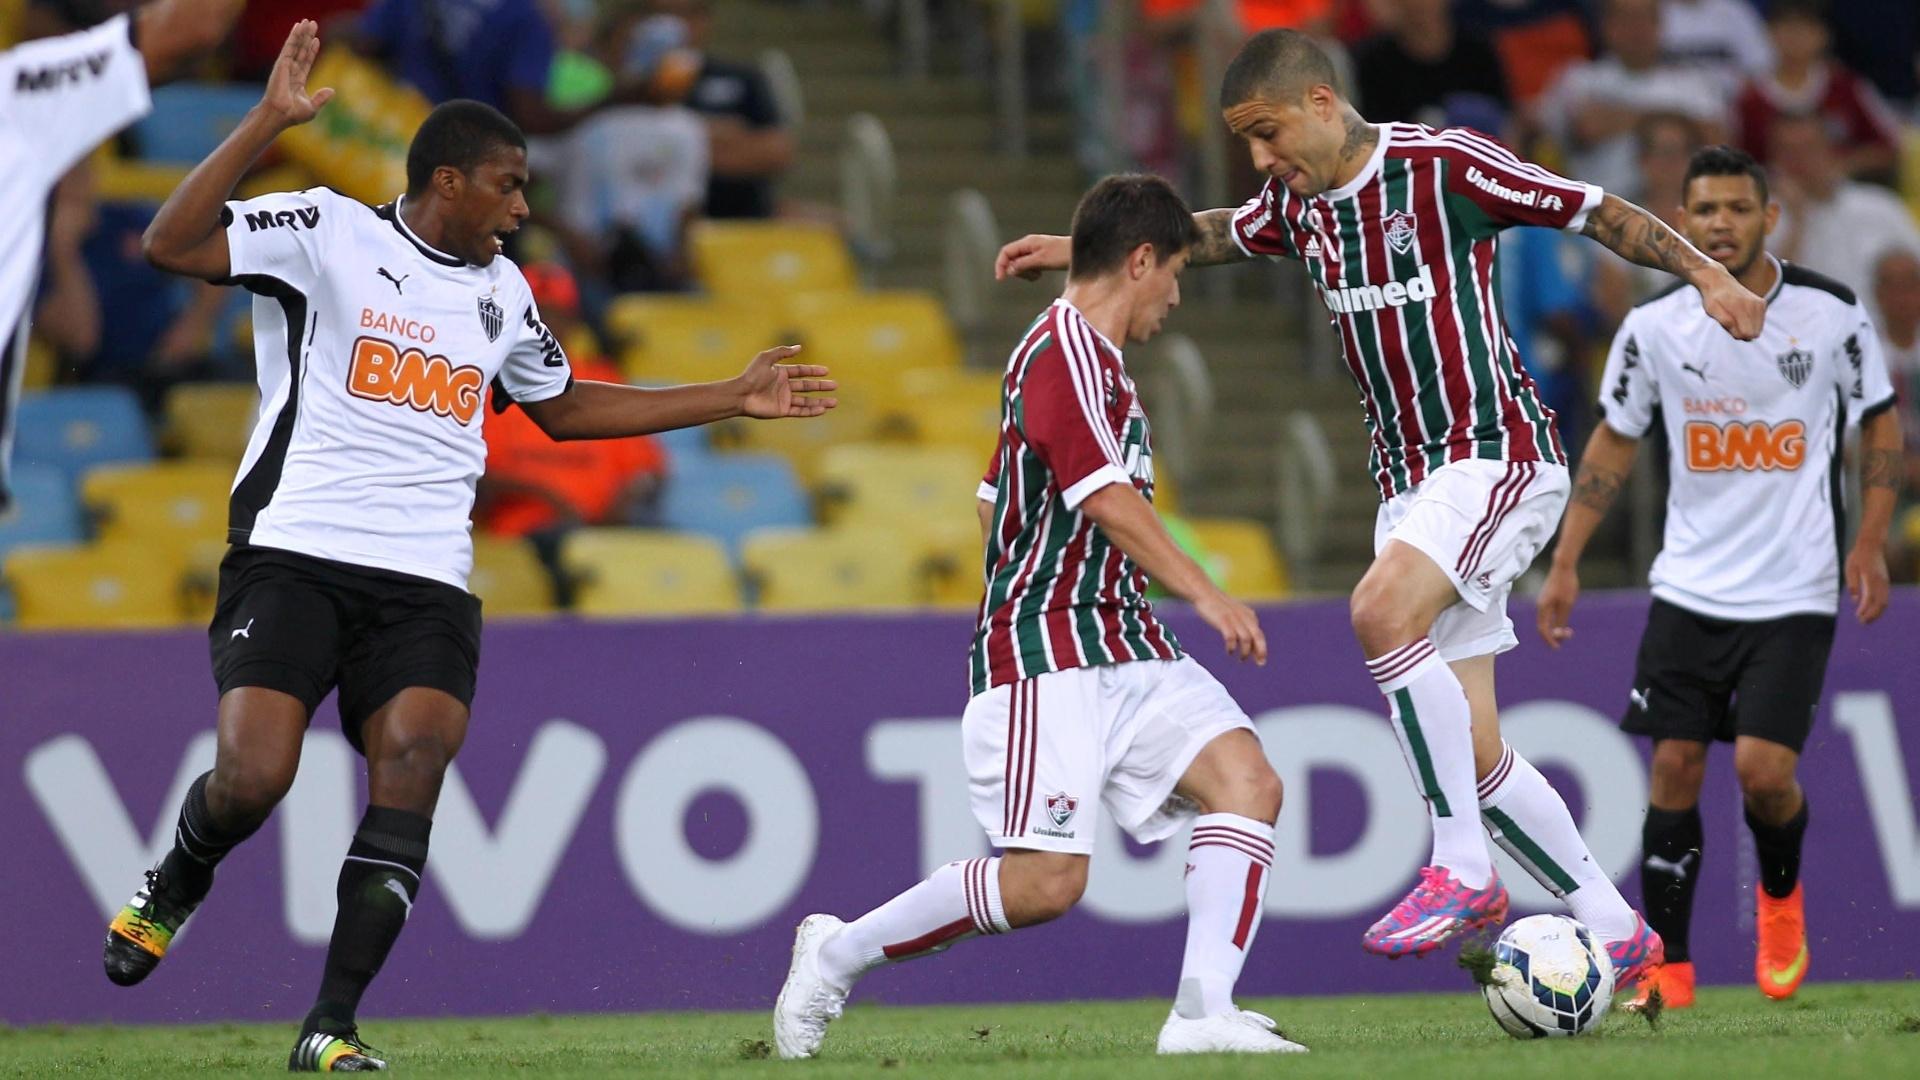 Bruno e Conca tentam domínio entre os marcadores do Atlético-MG